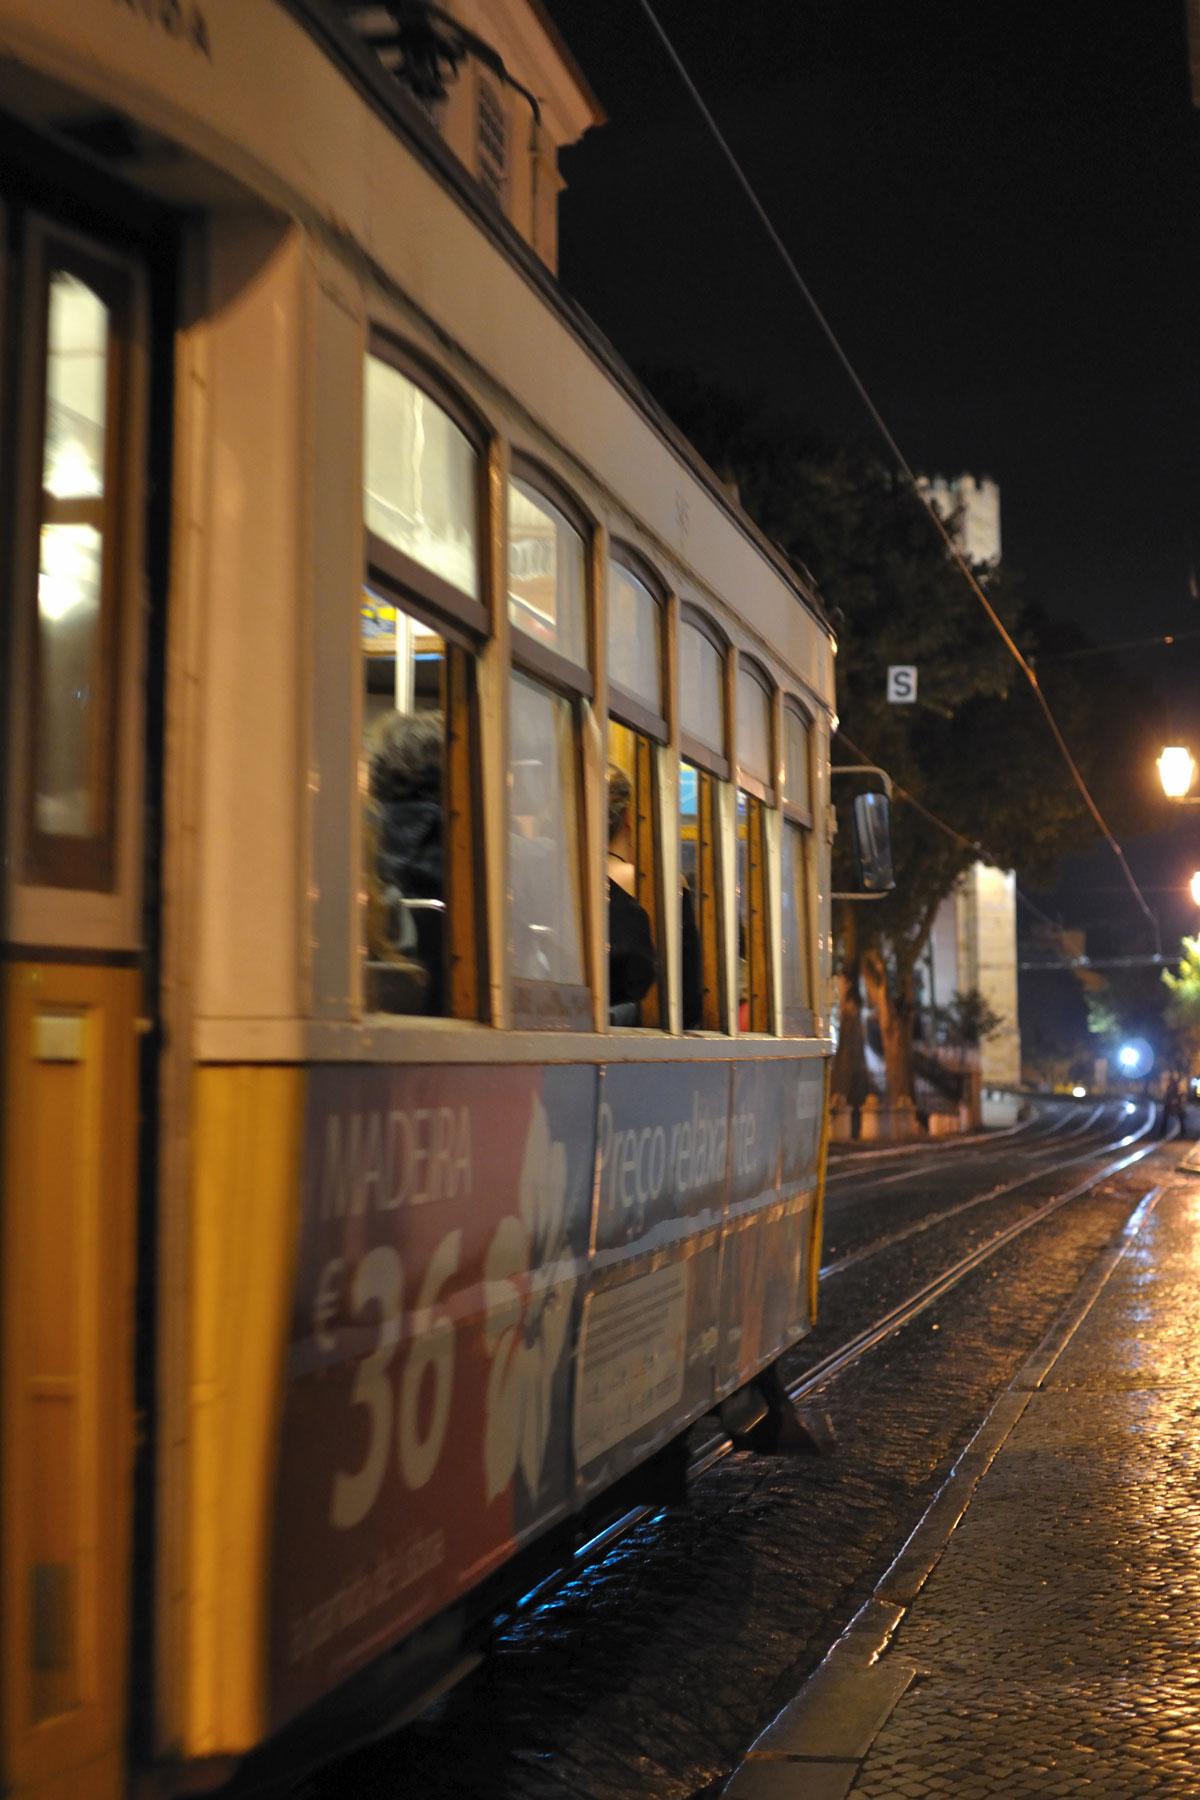 雨のリスボンを行くトラム 撮影:NIKON D90 NIKKOR 35mm